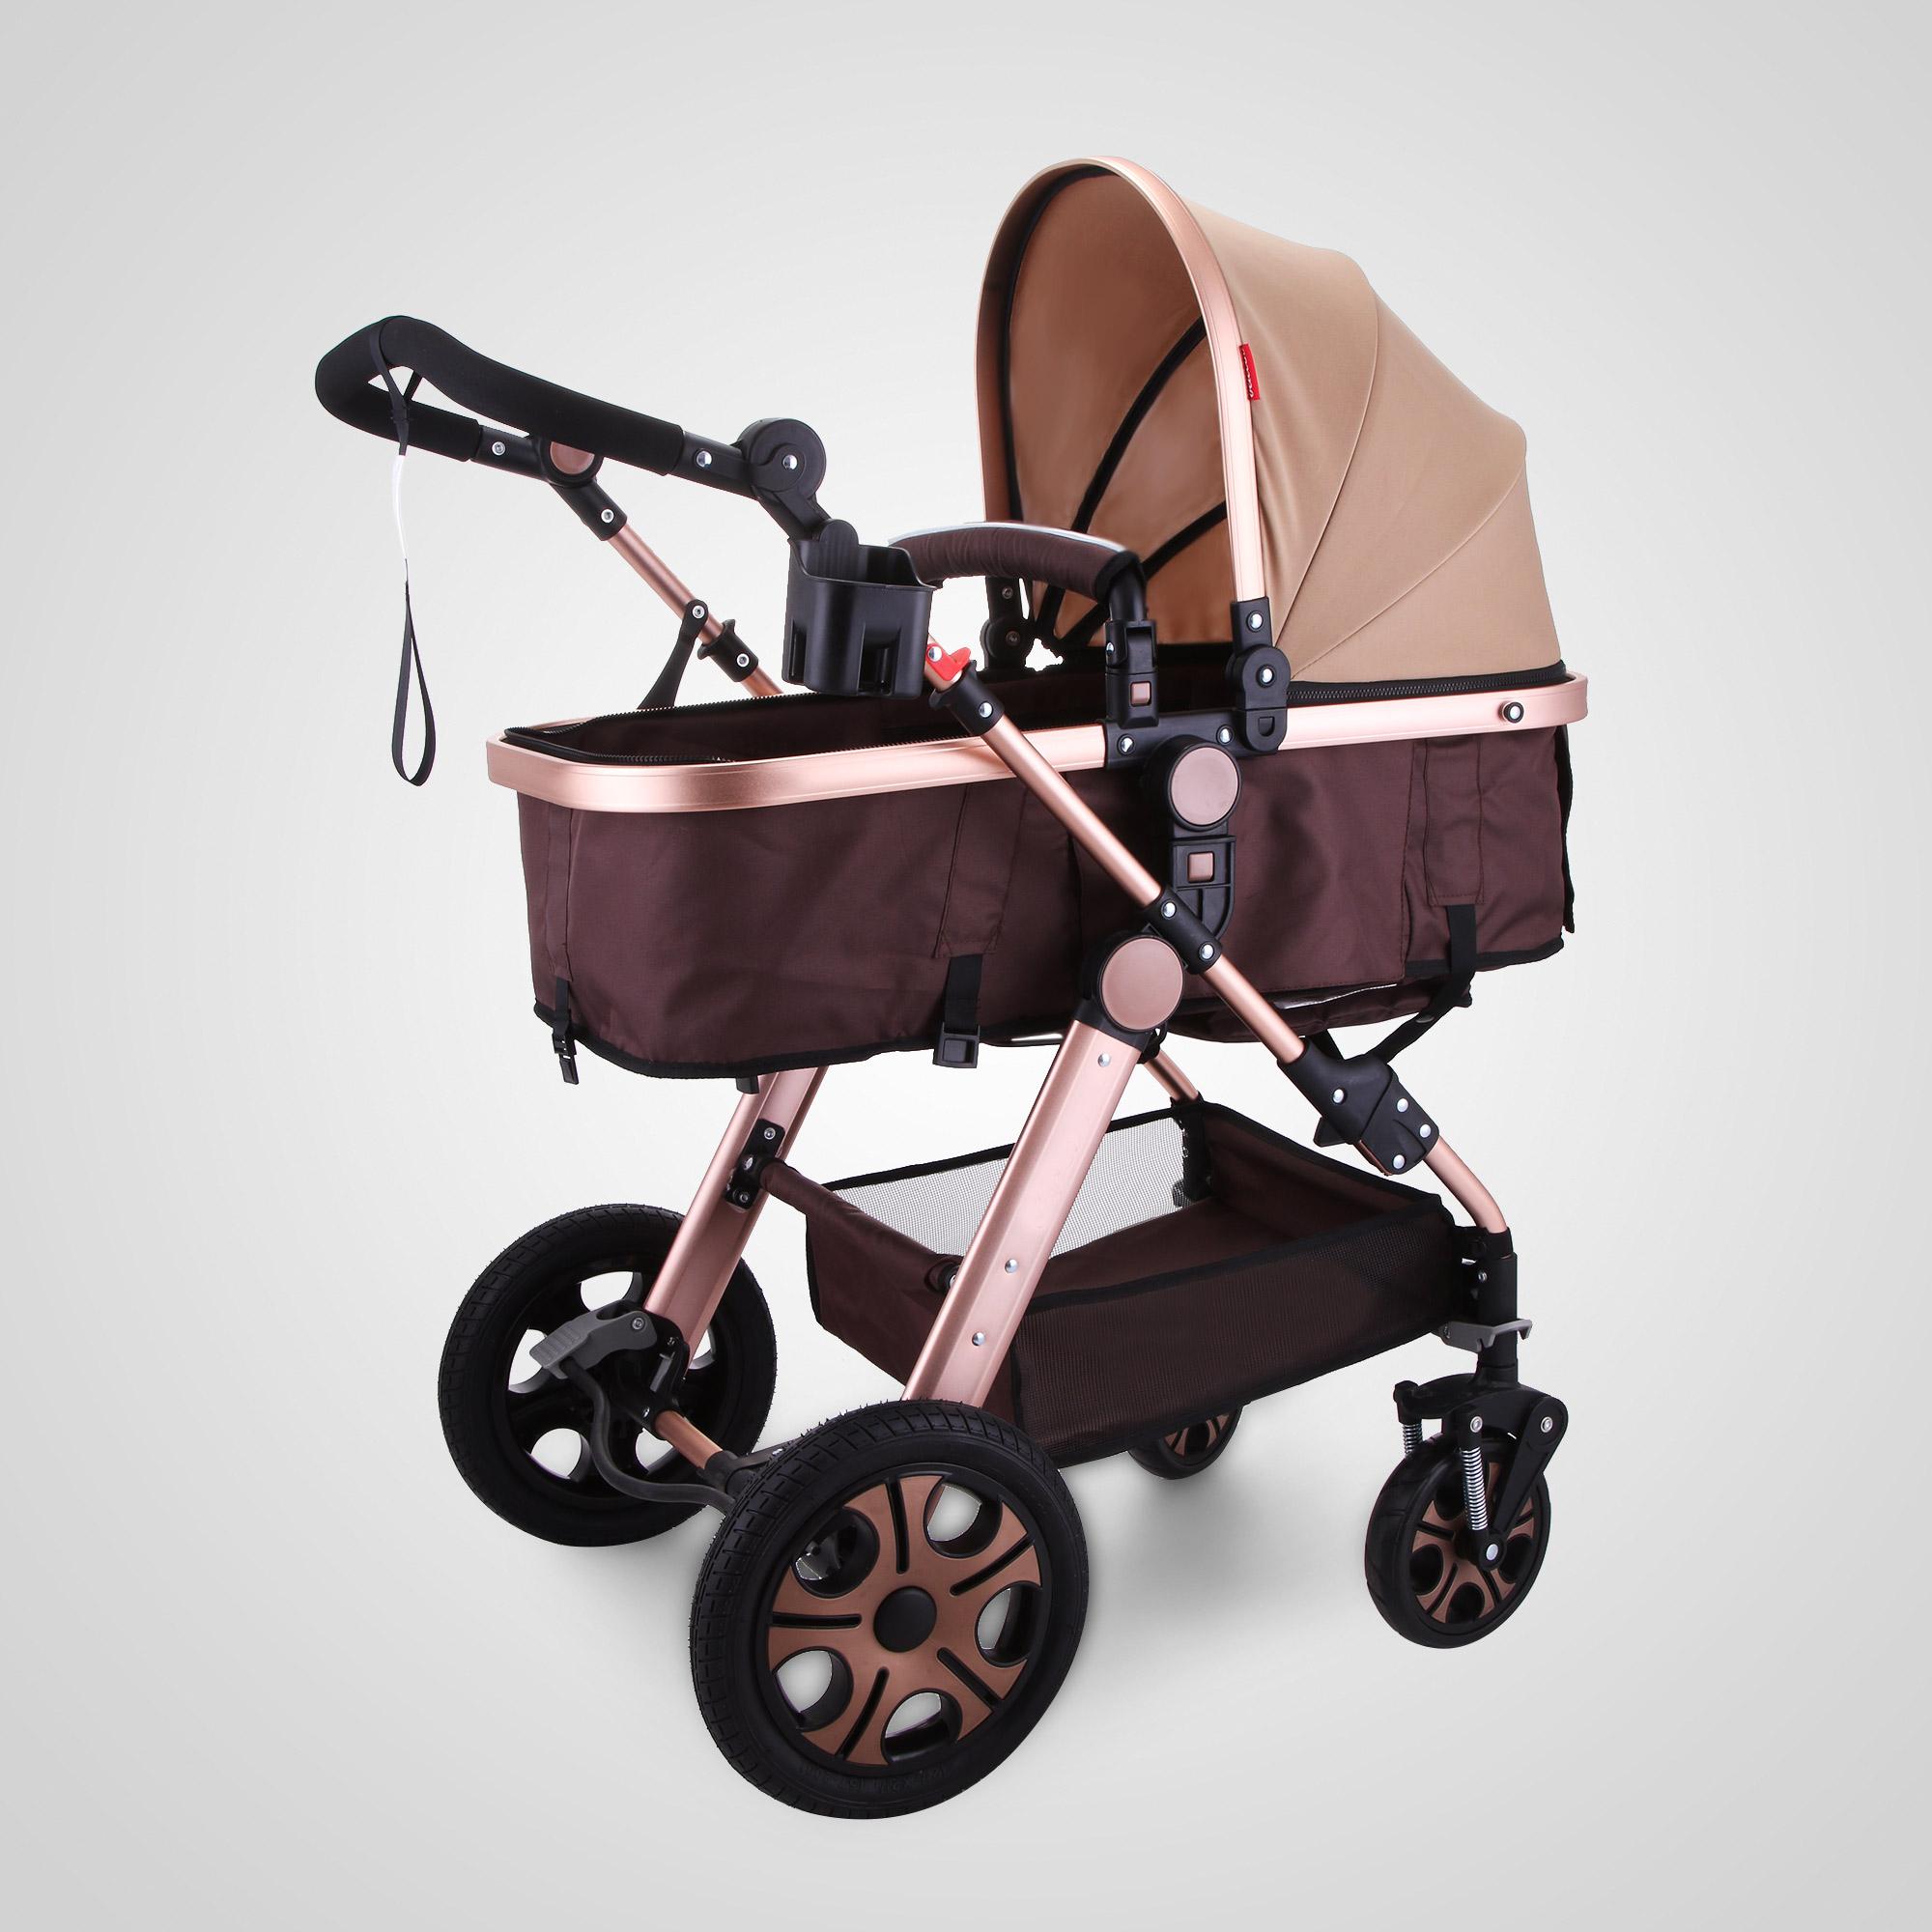 Foldable Pram Baby Stroller Carriage Infant Adjustable